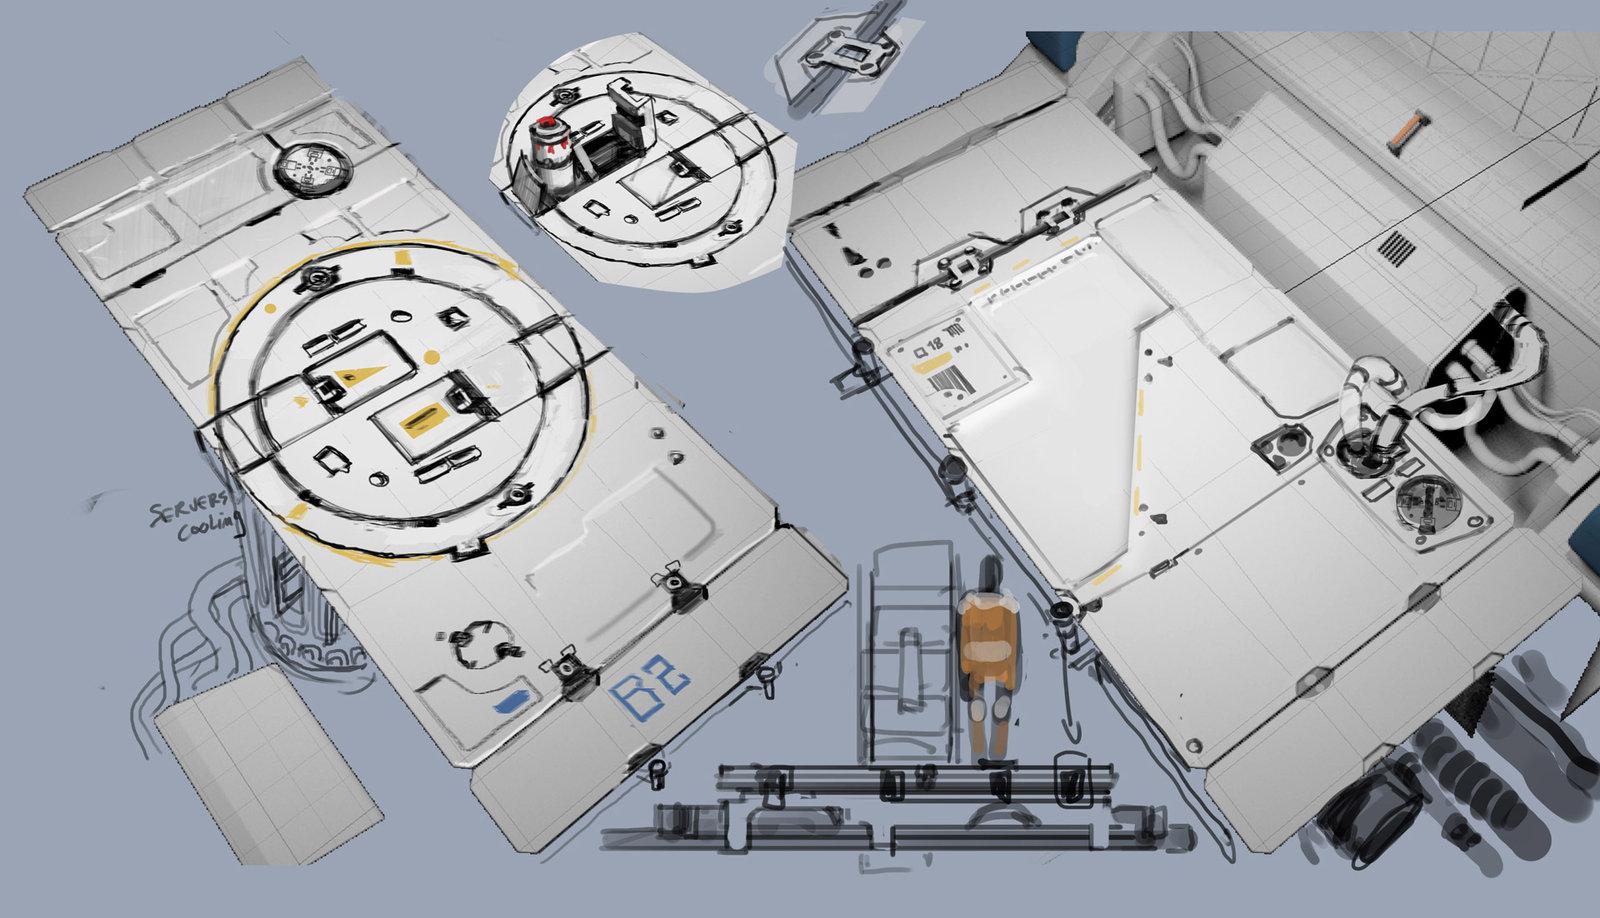 Exoplanet Station Design 02